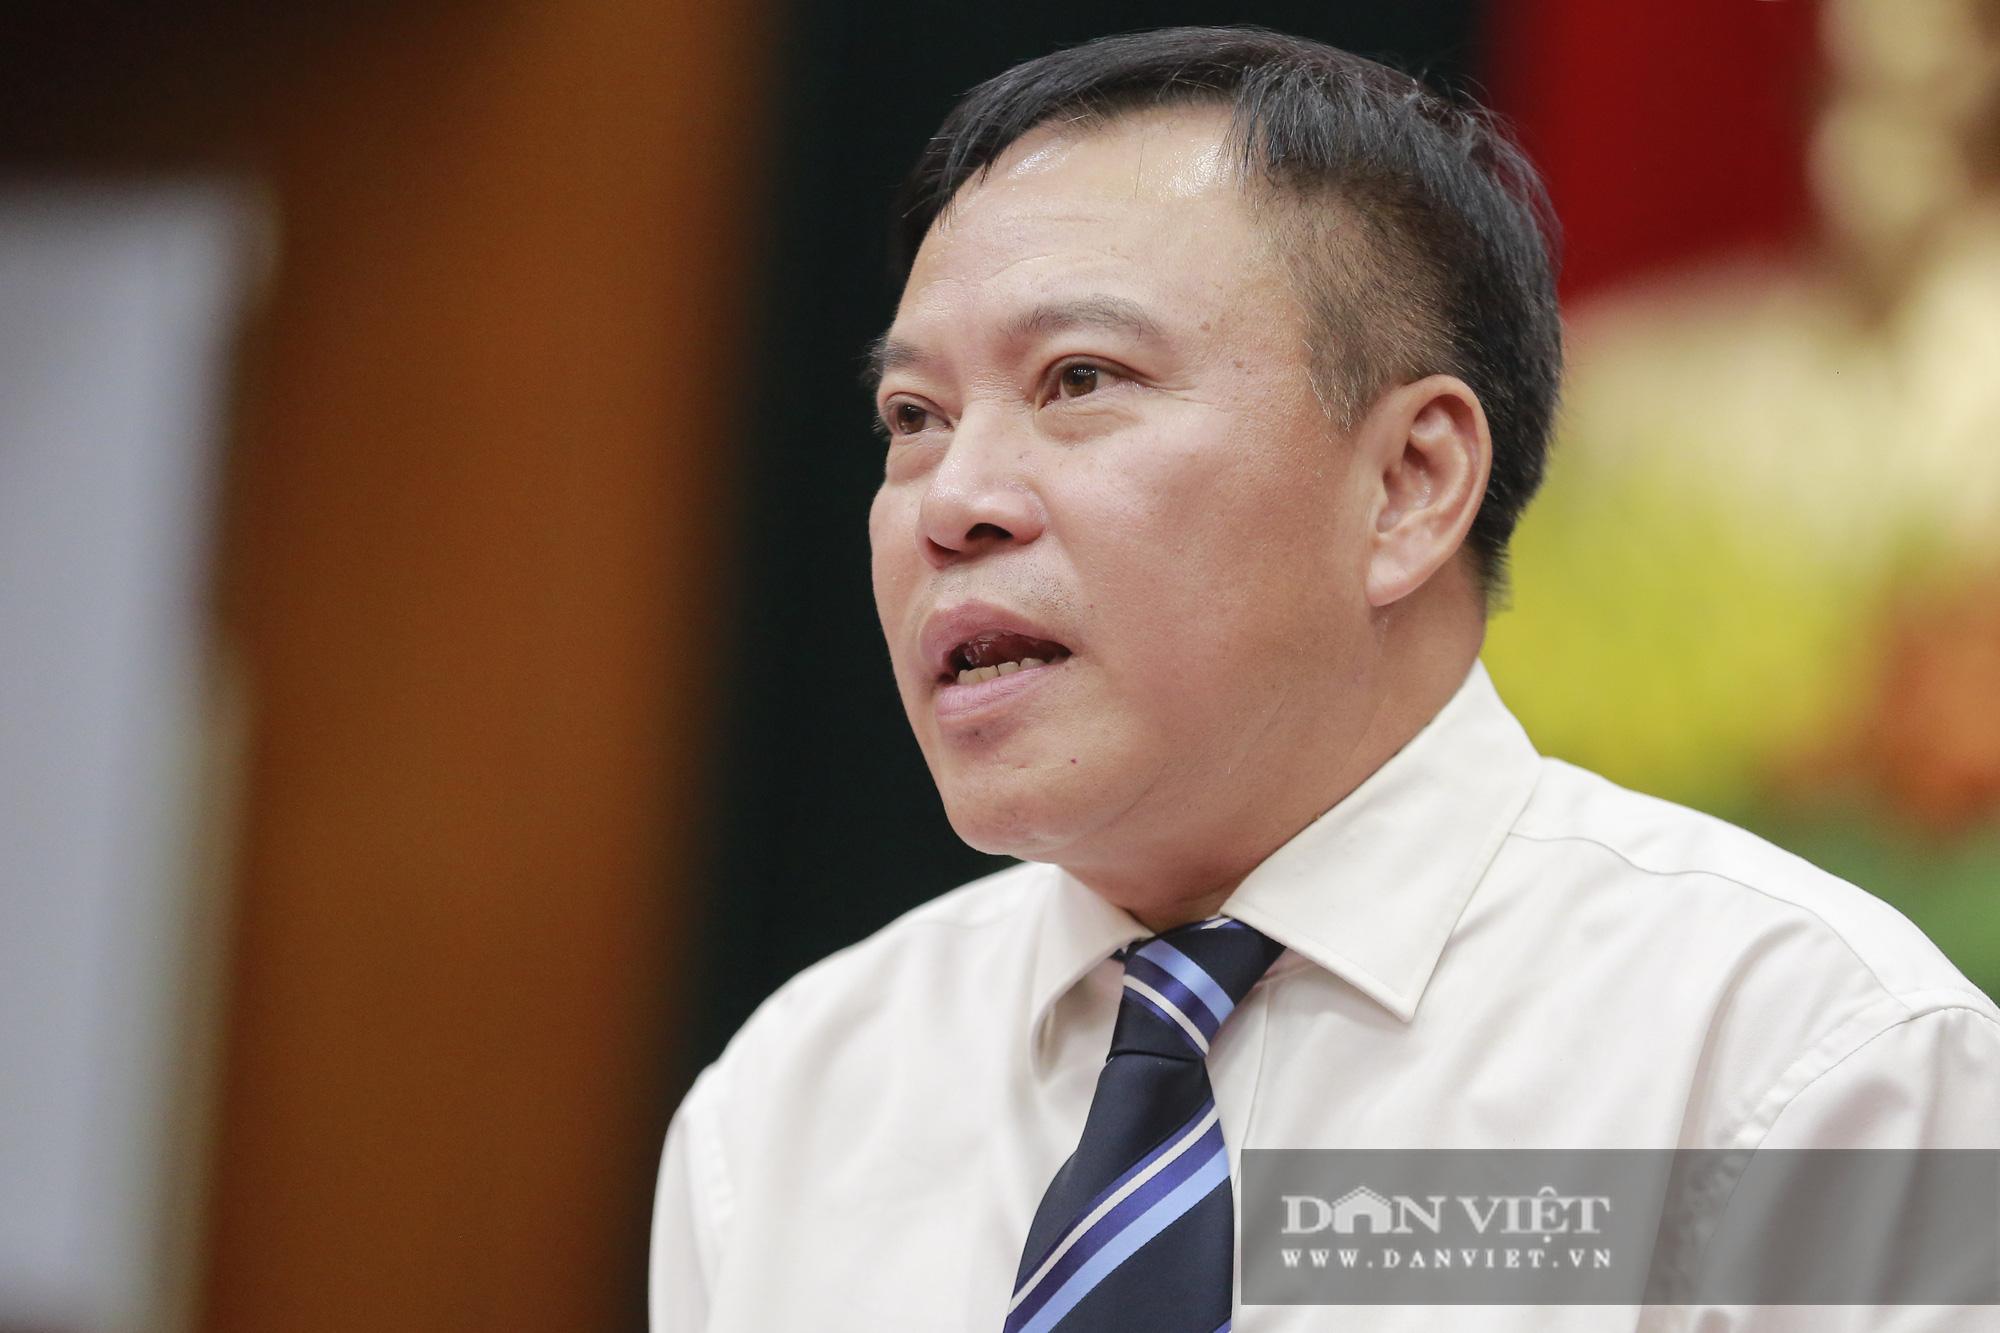 Toàn cảnh Họp báo kỷ niệm 90 năm Ngày thành lập Hội Nông dân Việt Nam - Ảnh 8.